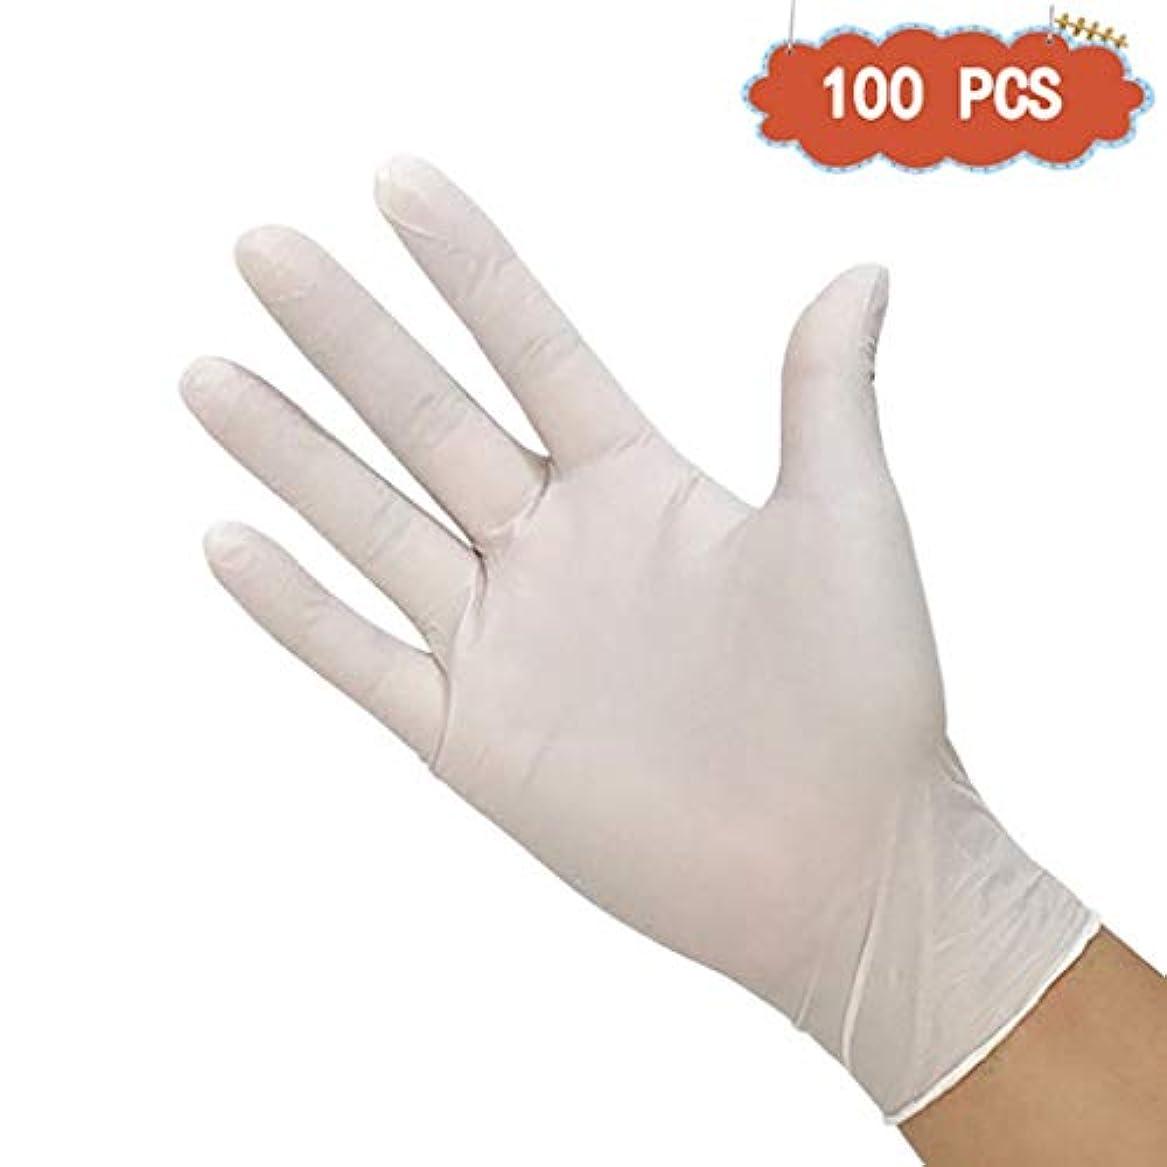 変更分割安らぎニトリルホームクリーニングと酸とアルカリ使い捨て手袋ペットケアネイルアート検査保護実験、ビューティーサロンラテックスフリー、パウダーフリー、両手利き、100個 (Size : M)